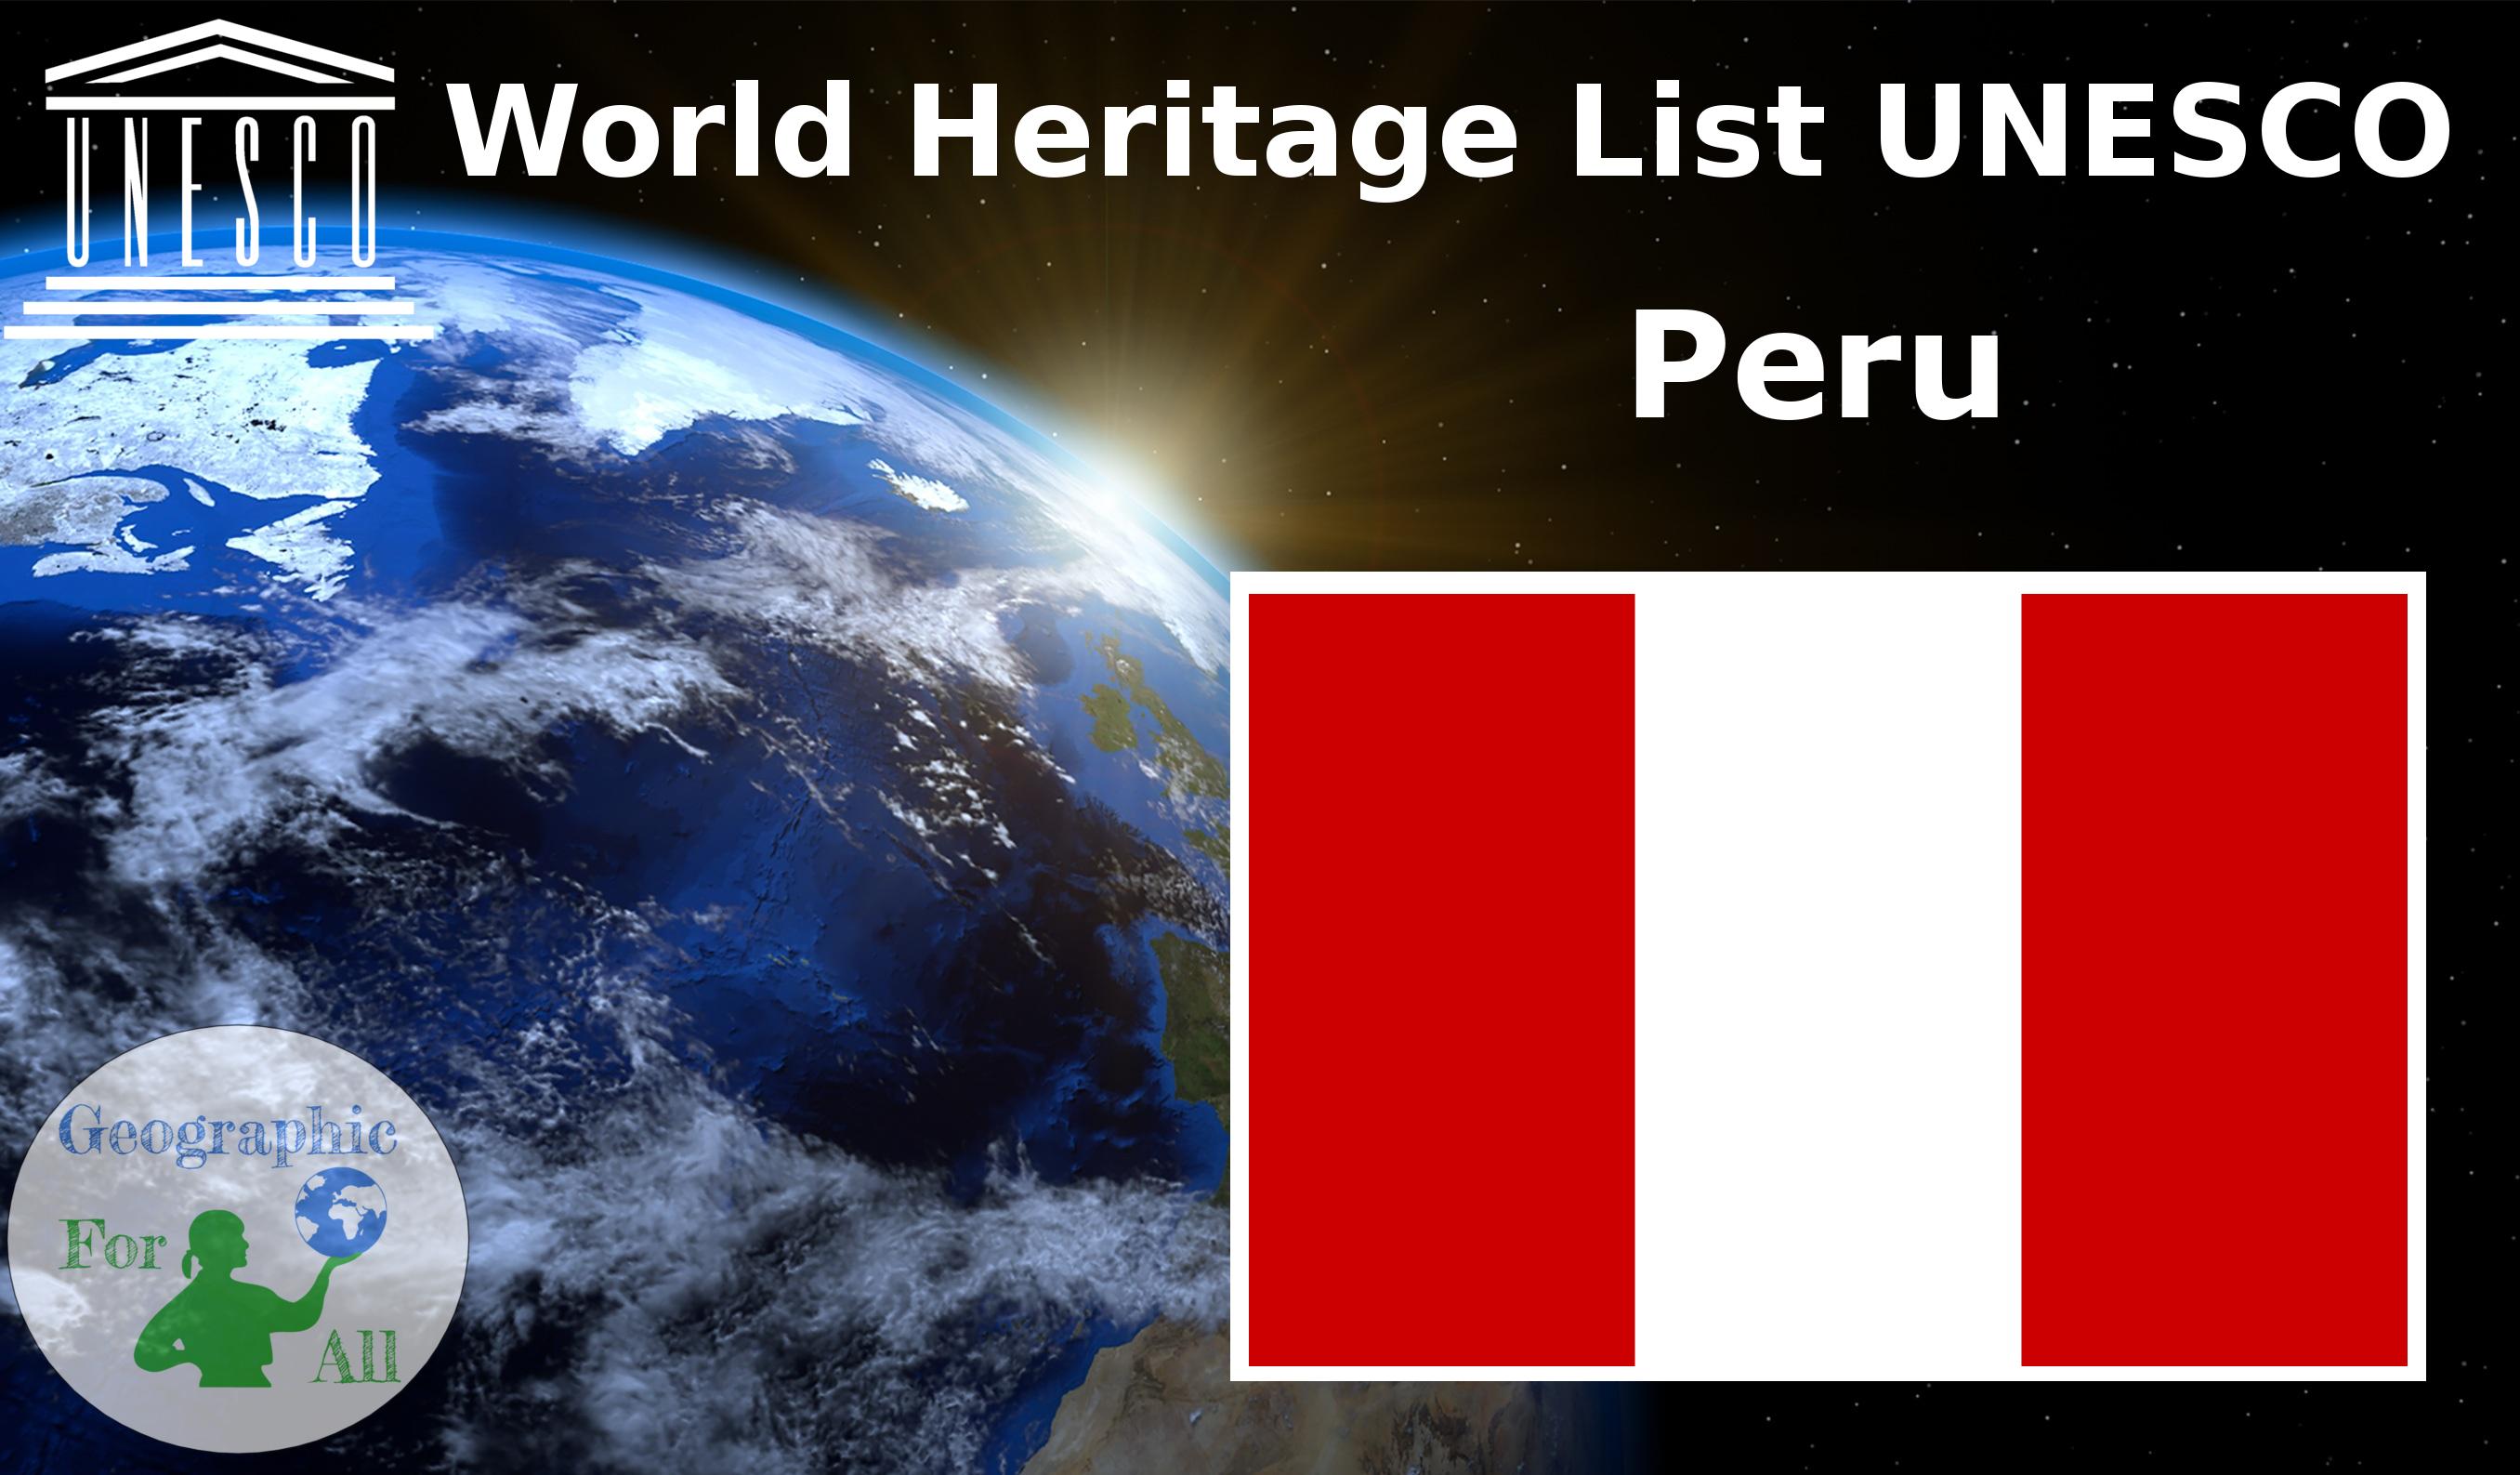 World Heritage List UNESCO - Peru